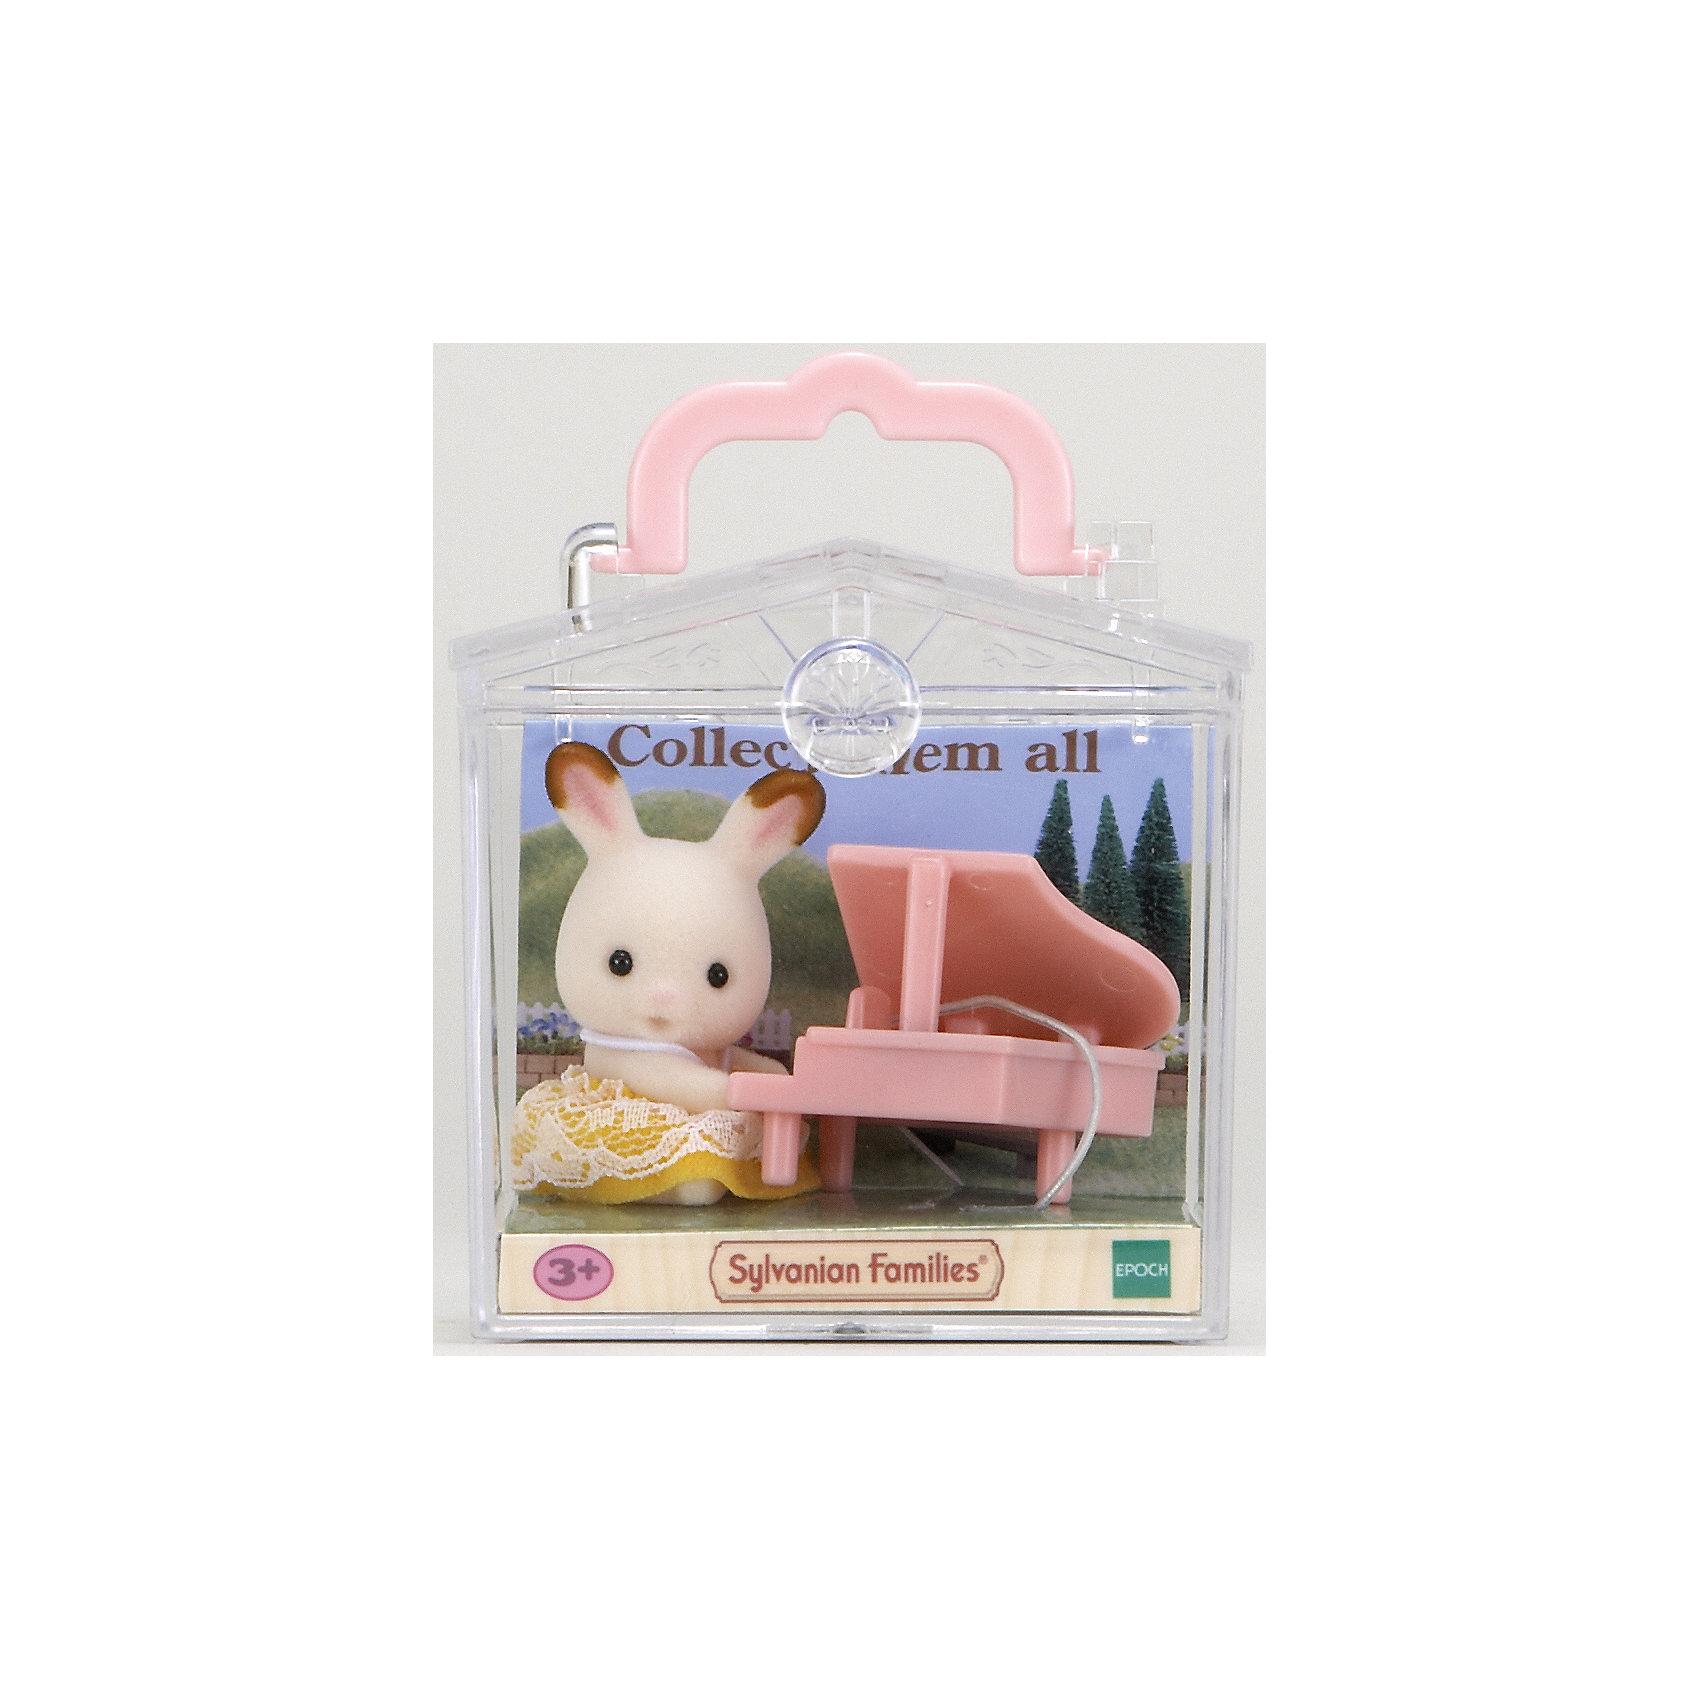 """Набор """"Младенец в пластиковом сундучке """" (кролик и рояль), Sylvanian Families от myToys"""